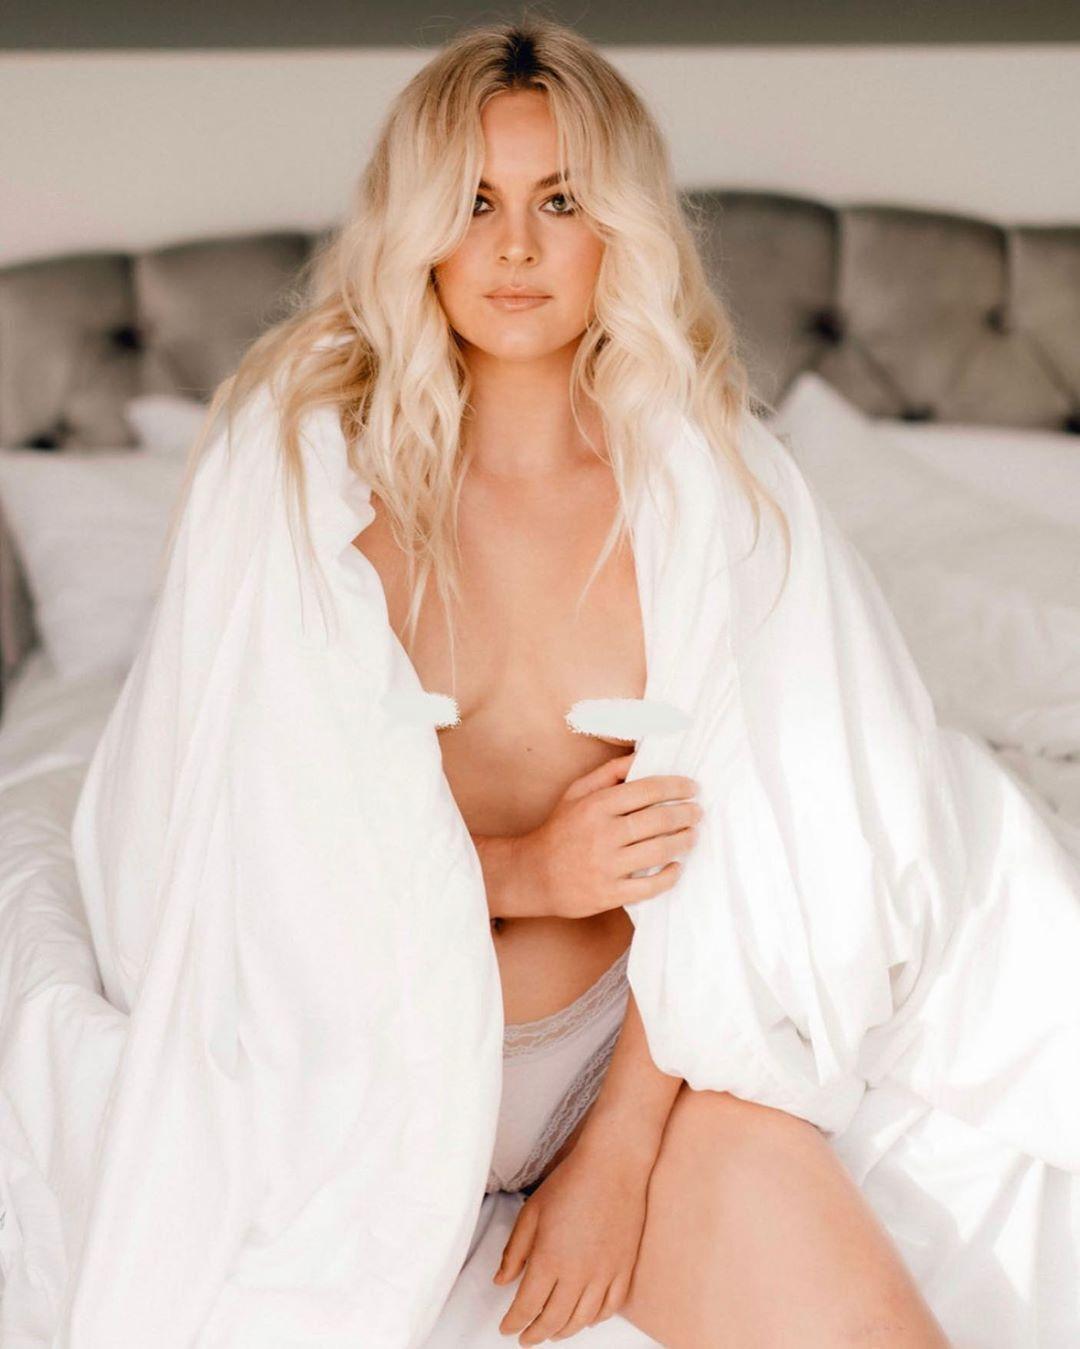 Фелисити Палматье прикрыла грудь одеялом